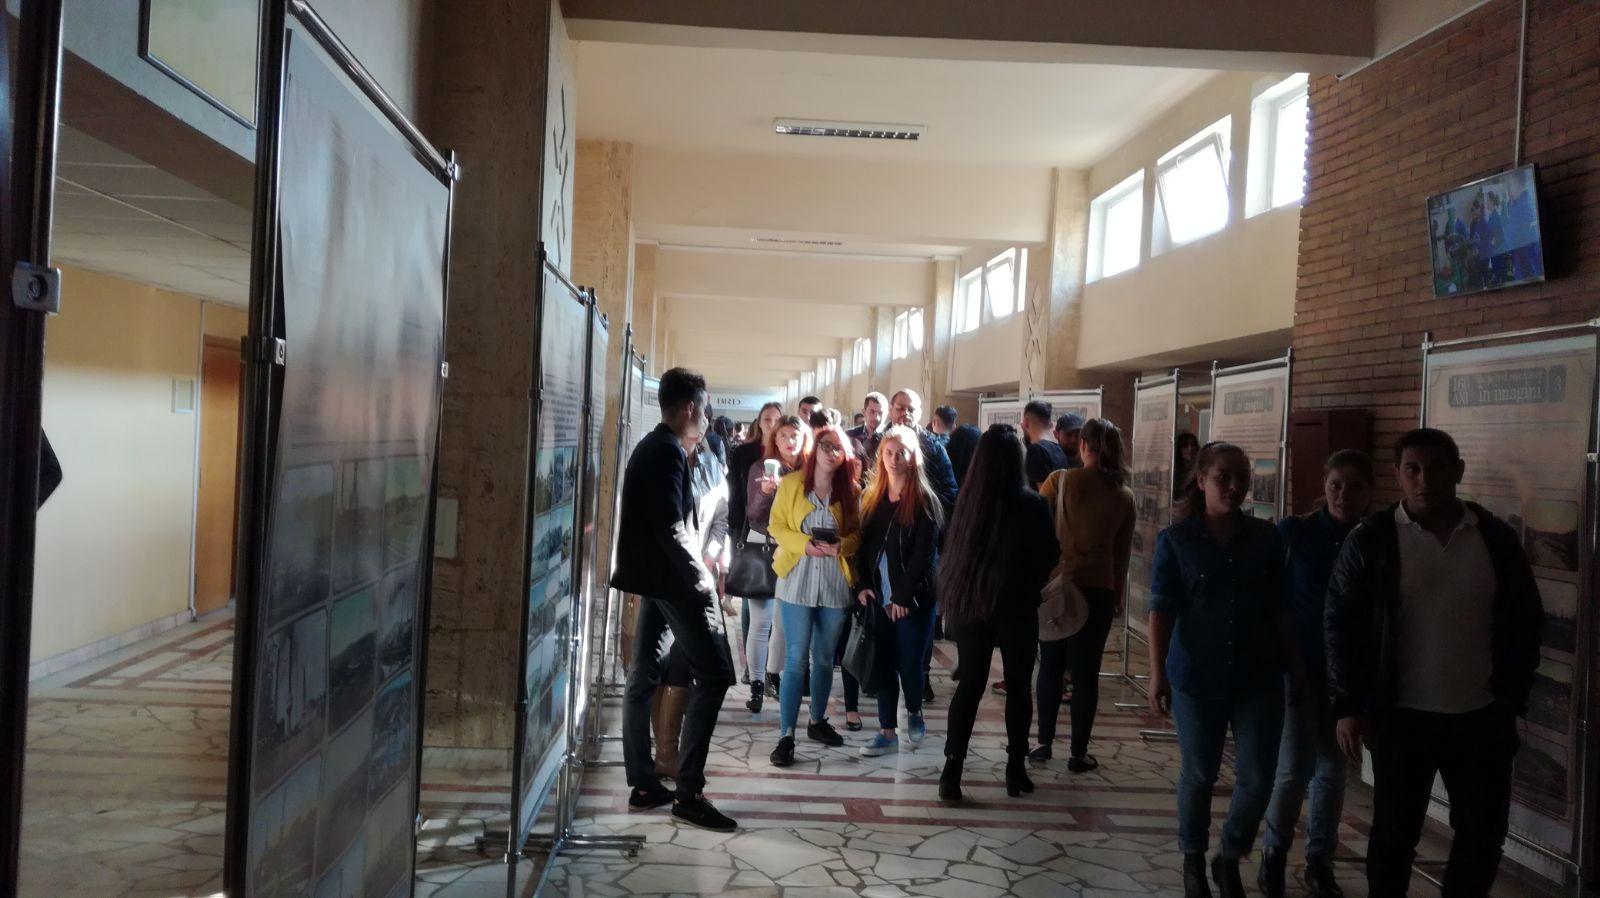 Înscriere simplificată la facultate şi examene online în universităţile din România